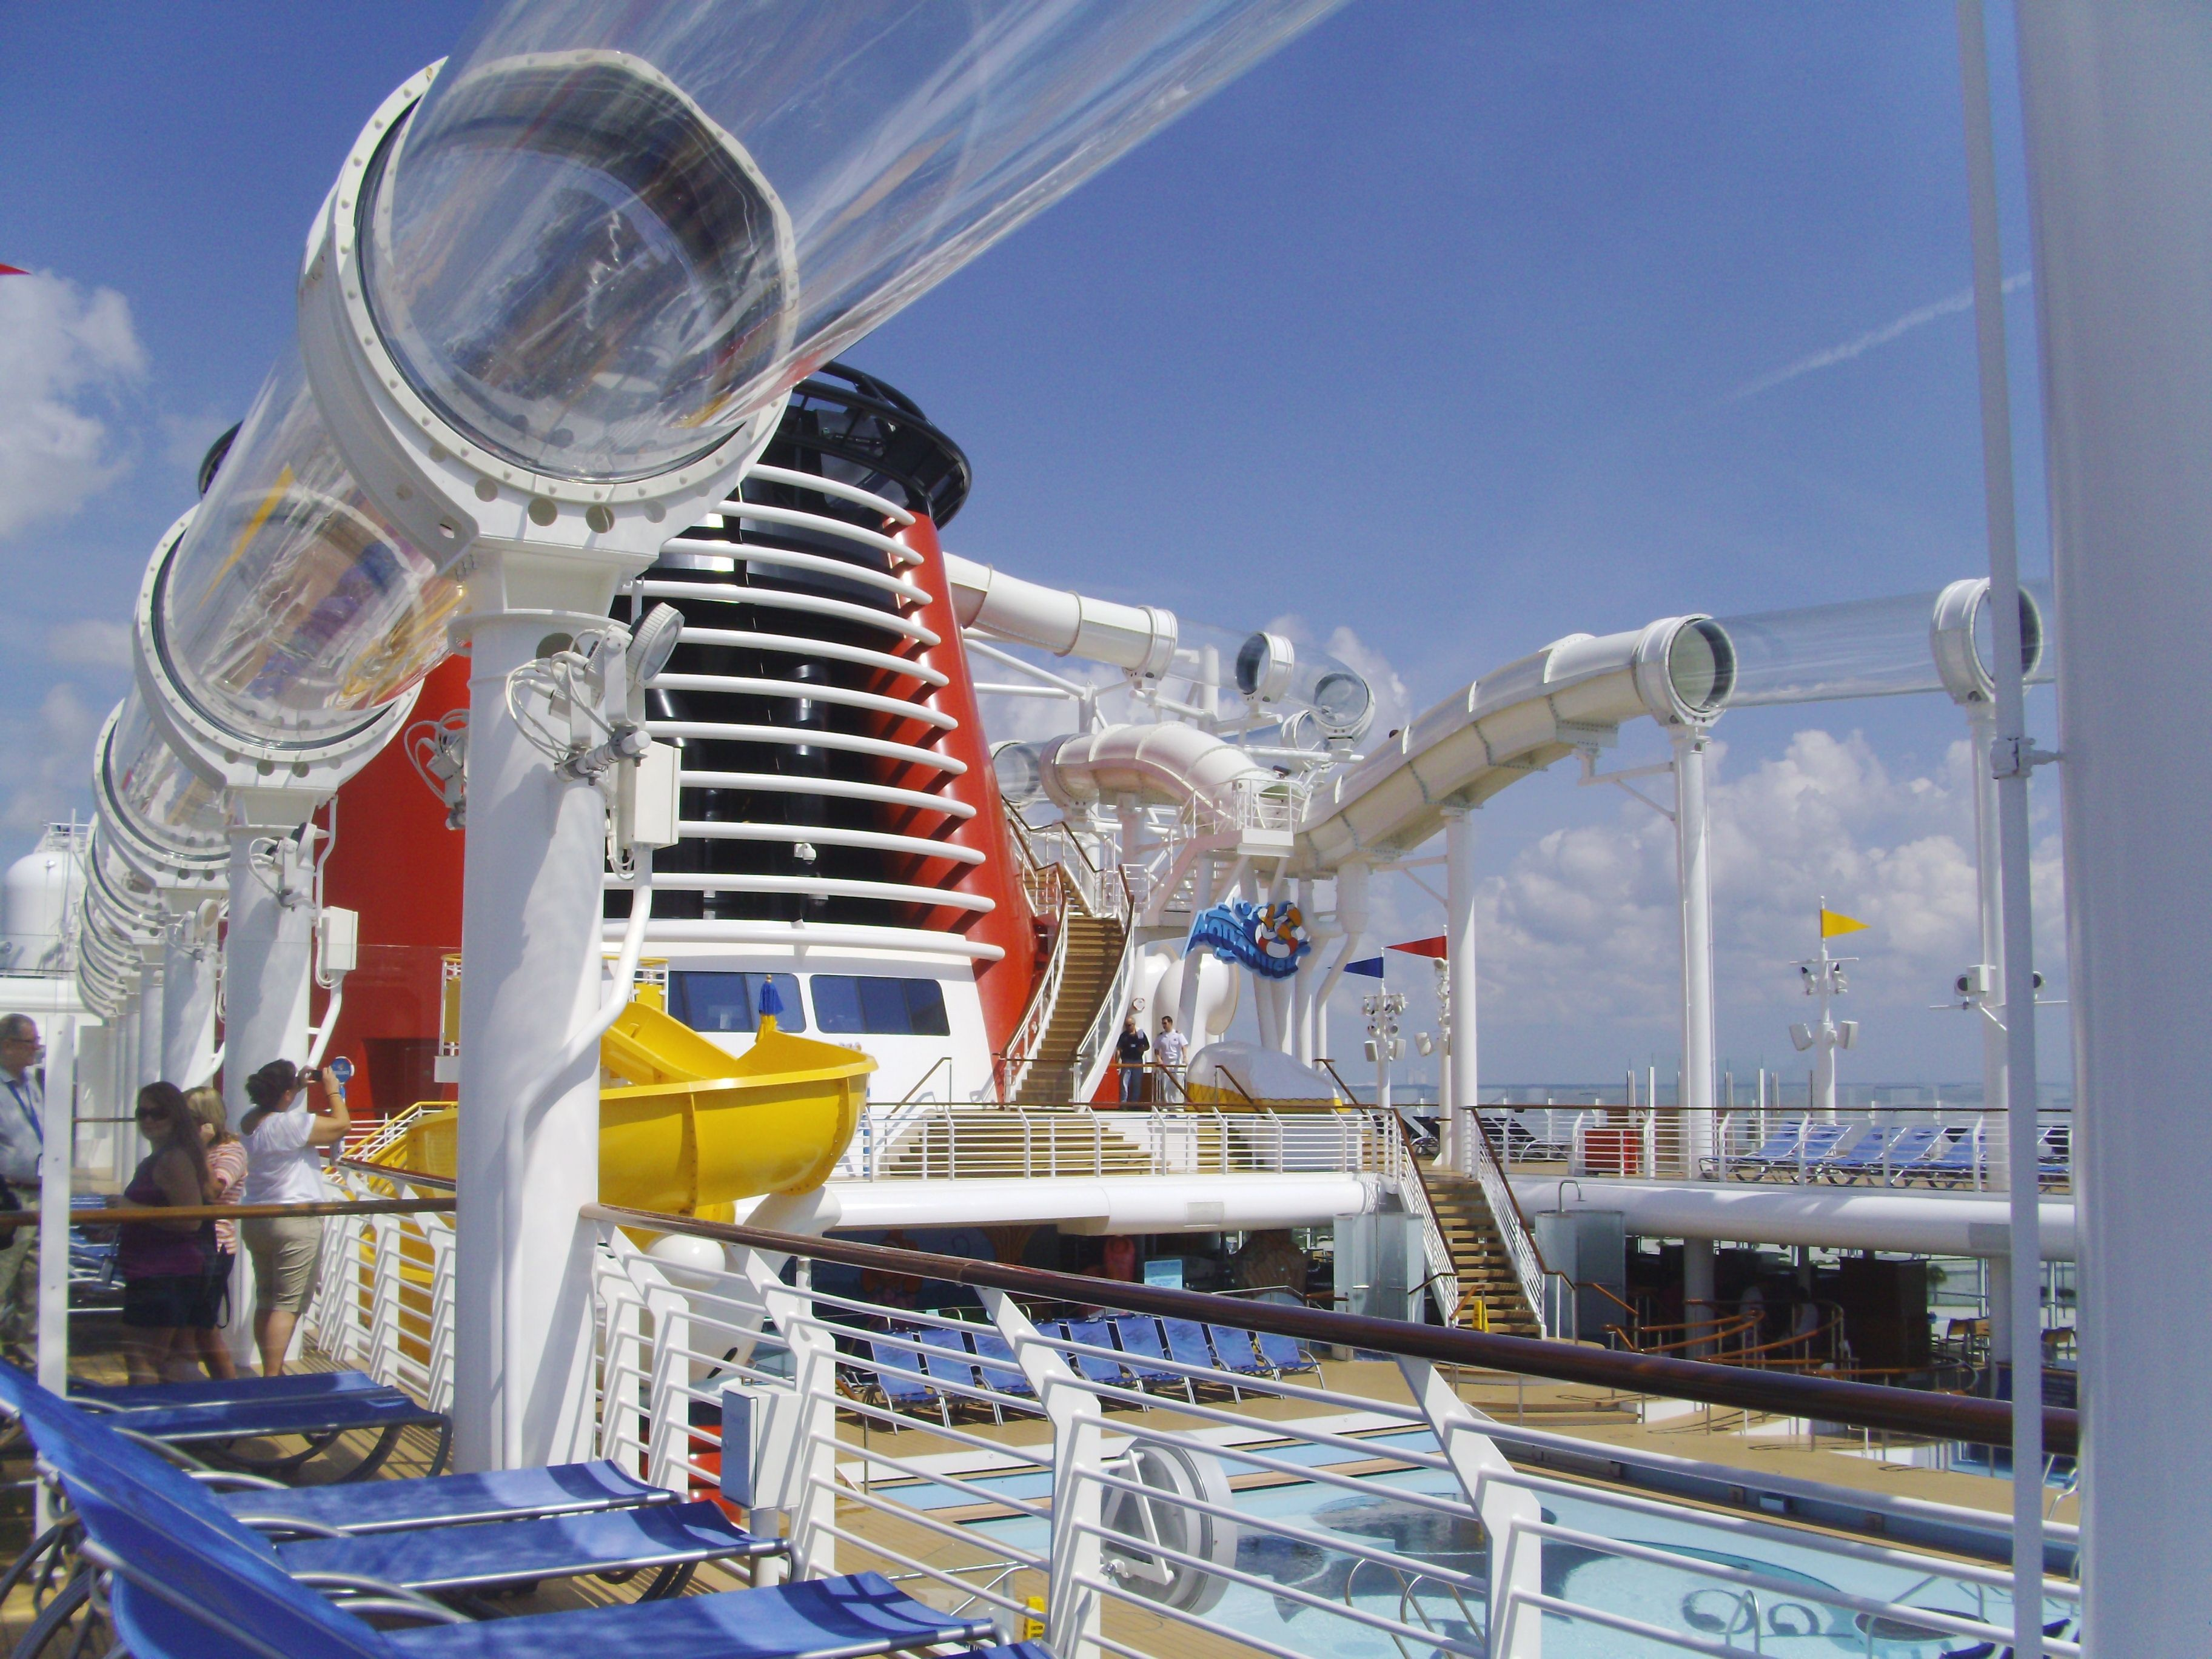 Aquaduck Disney Dream Www Hihovacations Com Disney Cruise Line Disney Dream Disney Cruise [ 2736 x 3648 Pixel ]